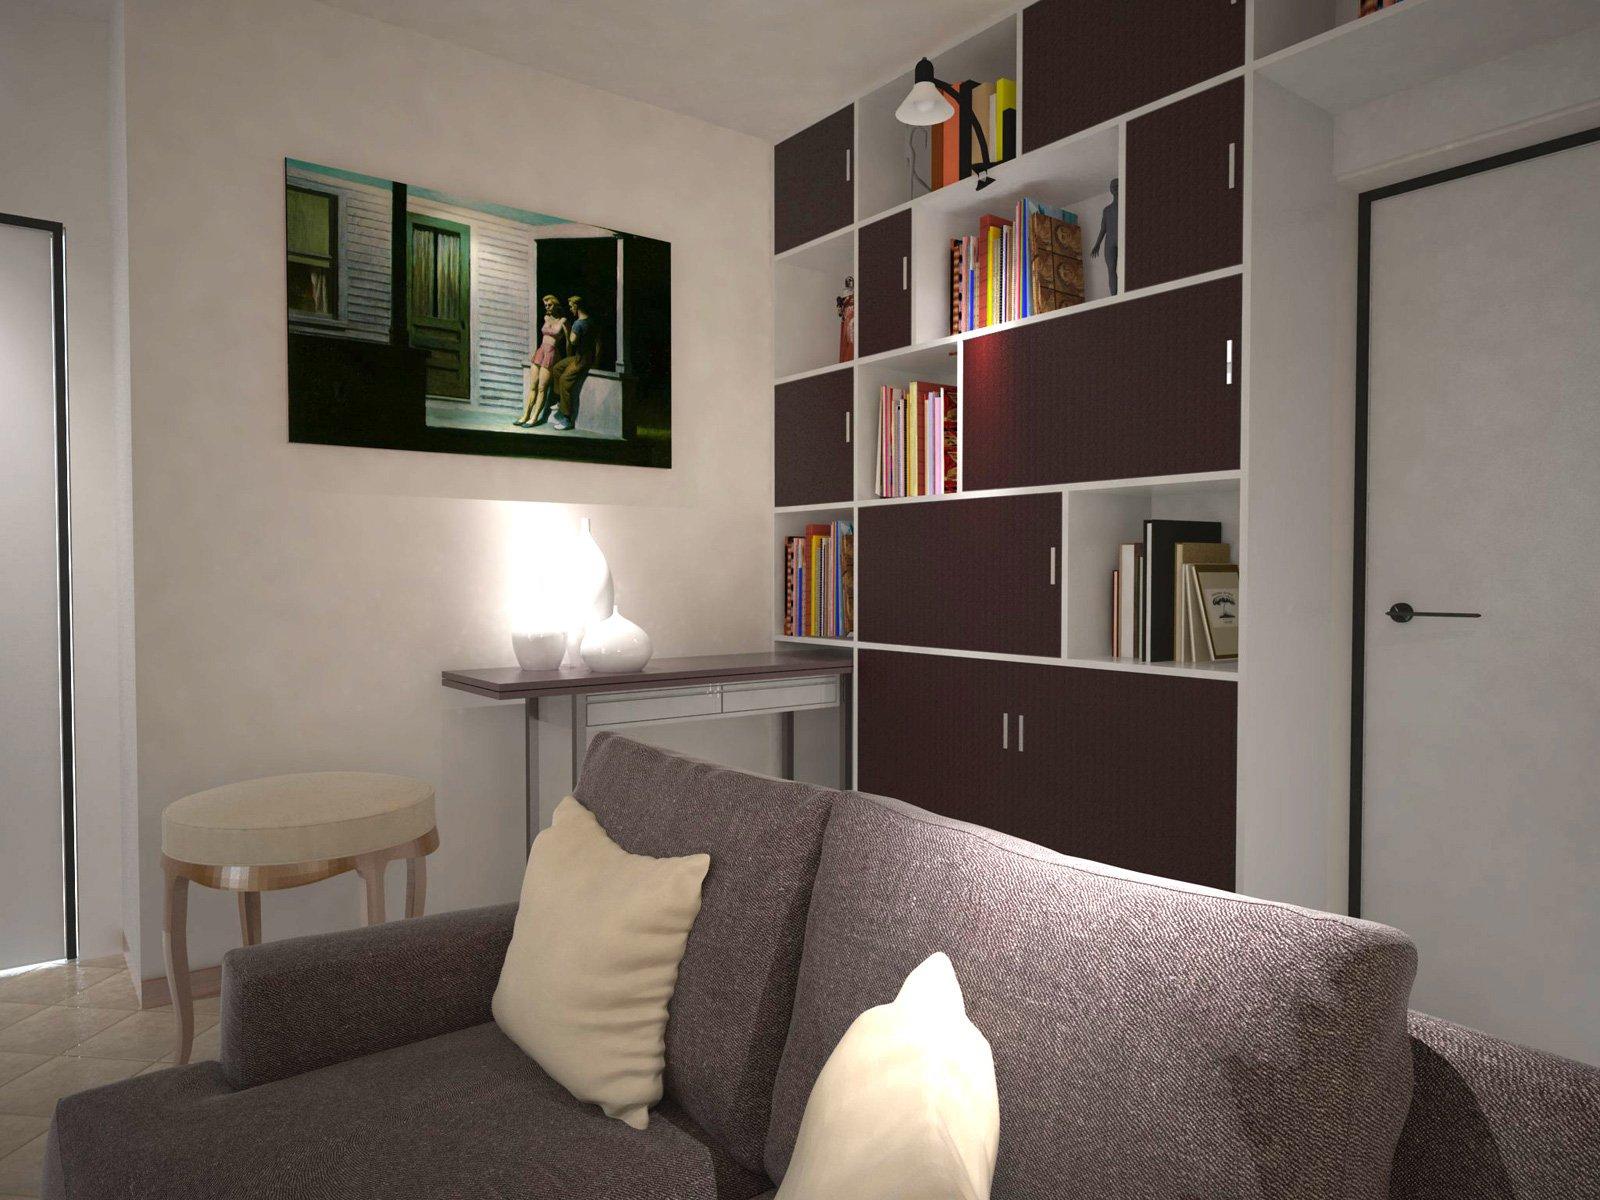 Arredare un soggiorno con tante aperture sulle pareti for Come arredare una parete attrezzata